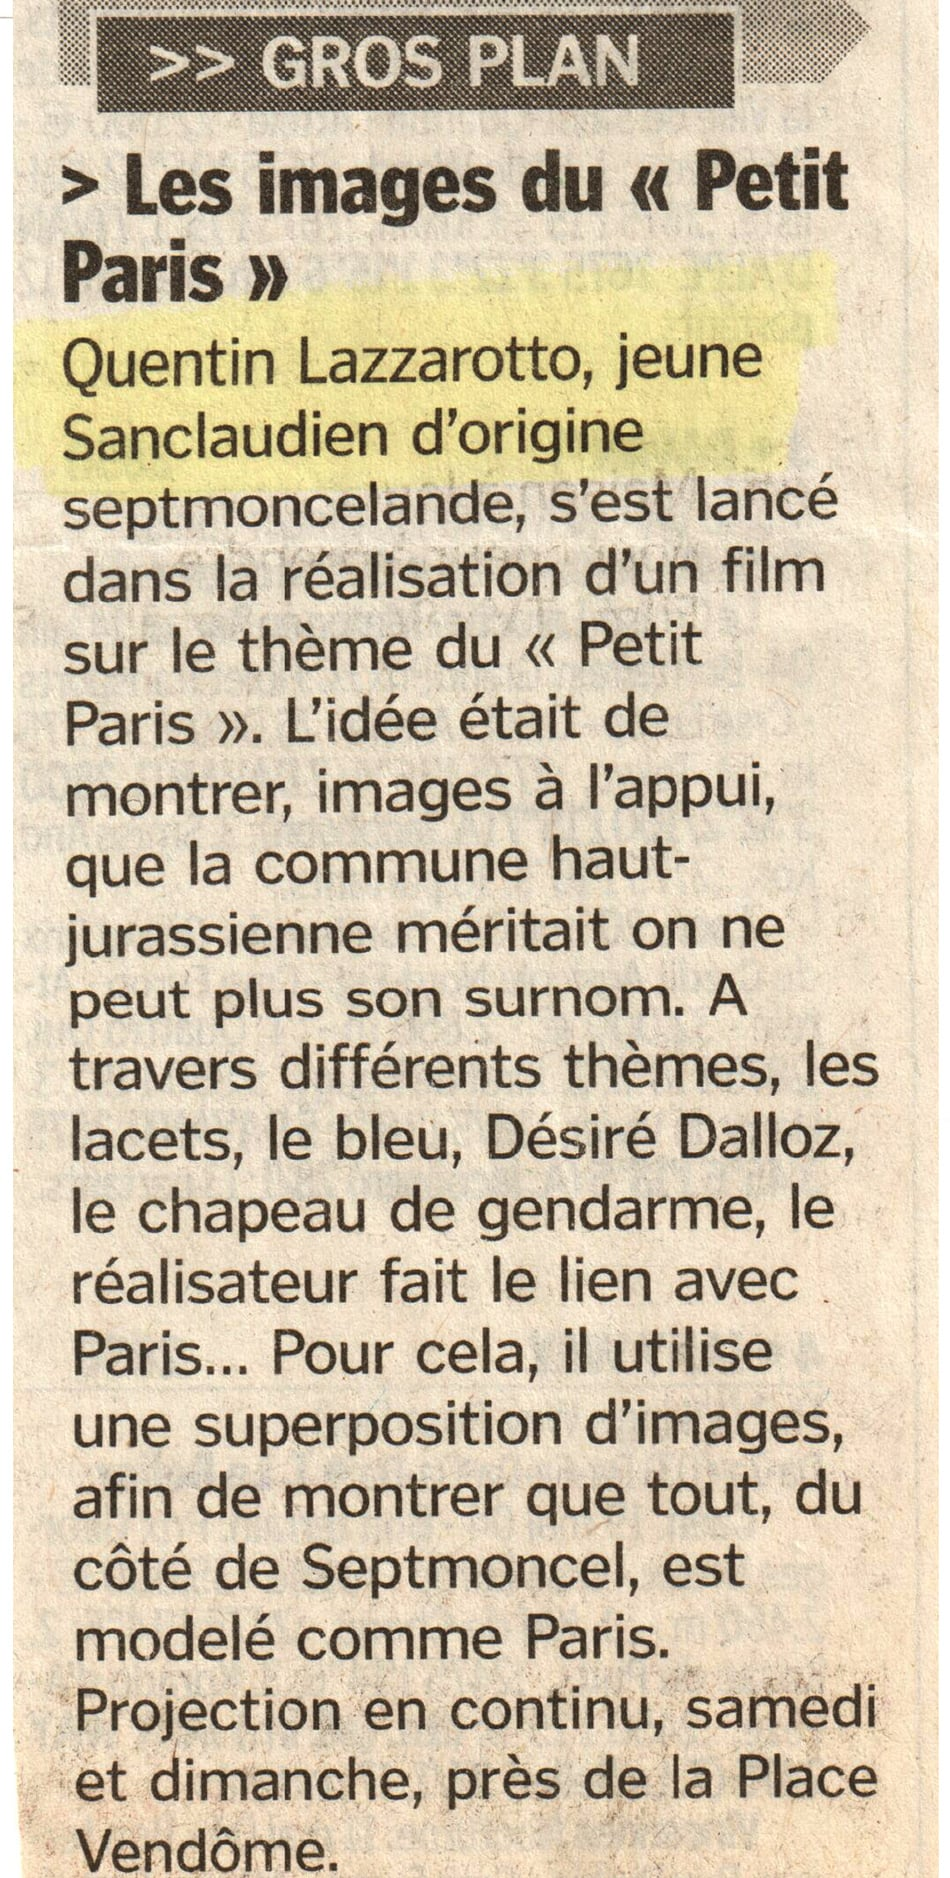 Les images du Petit Paris